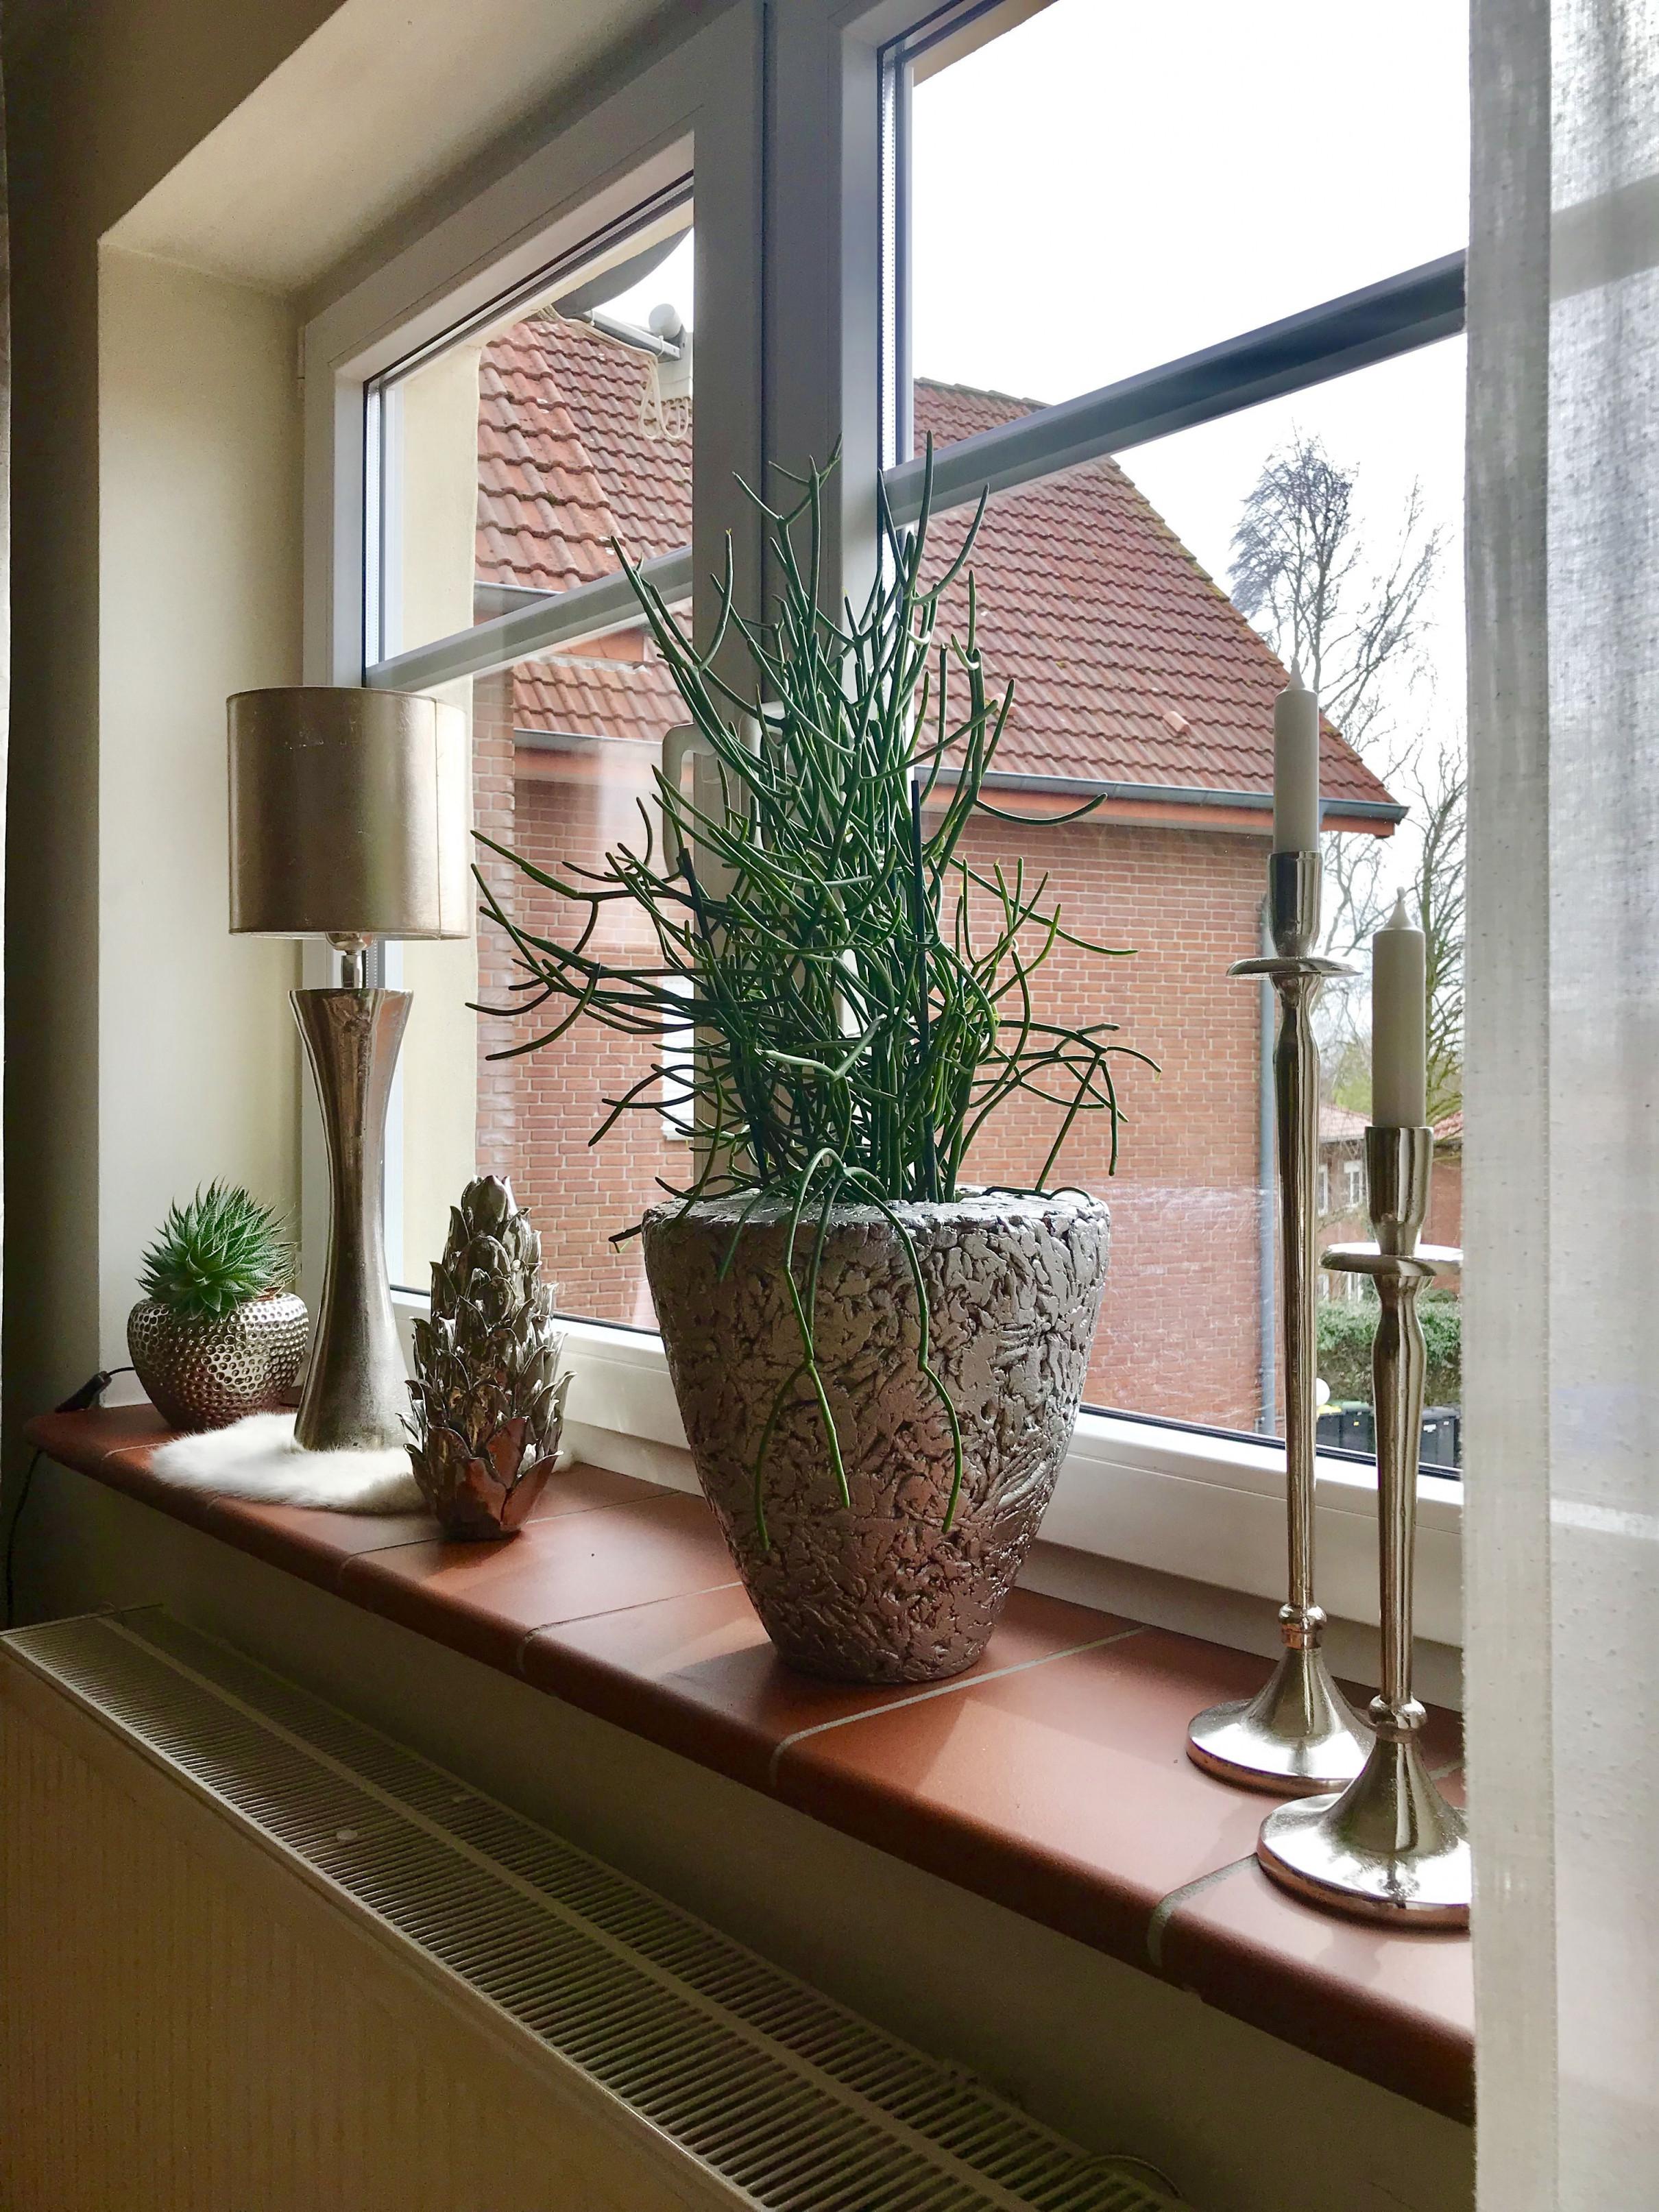 Fensterbank Schön Dekorieren  Fensterbank Dekorieren von Deko Fensterbank Wohnzimmer Bild